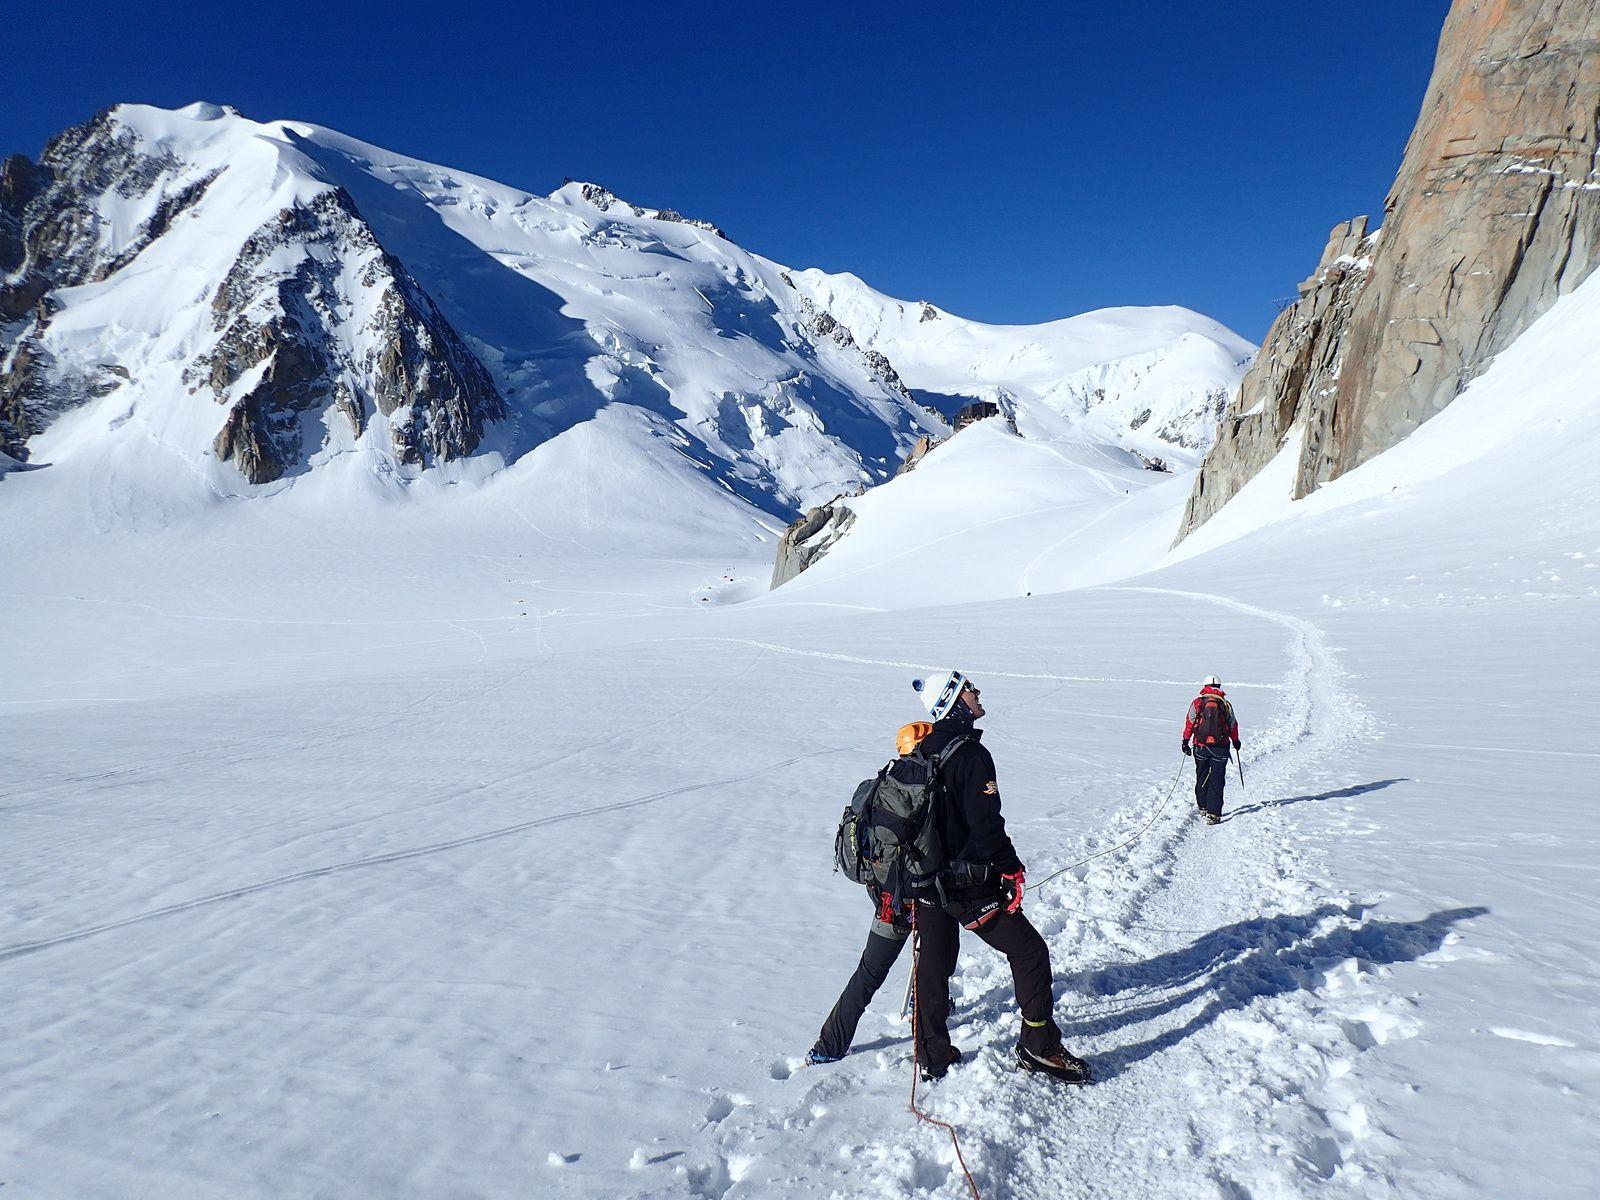 Mont-Blanc du Tacul: Voie normale 1/2